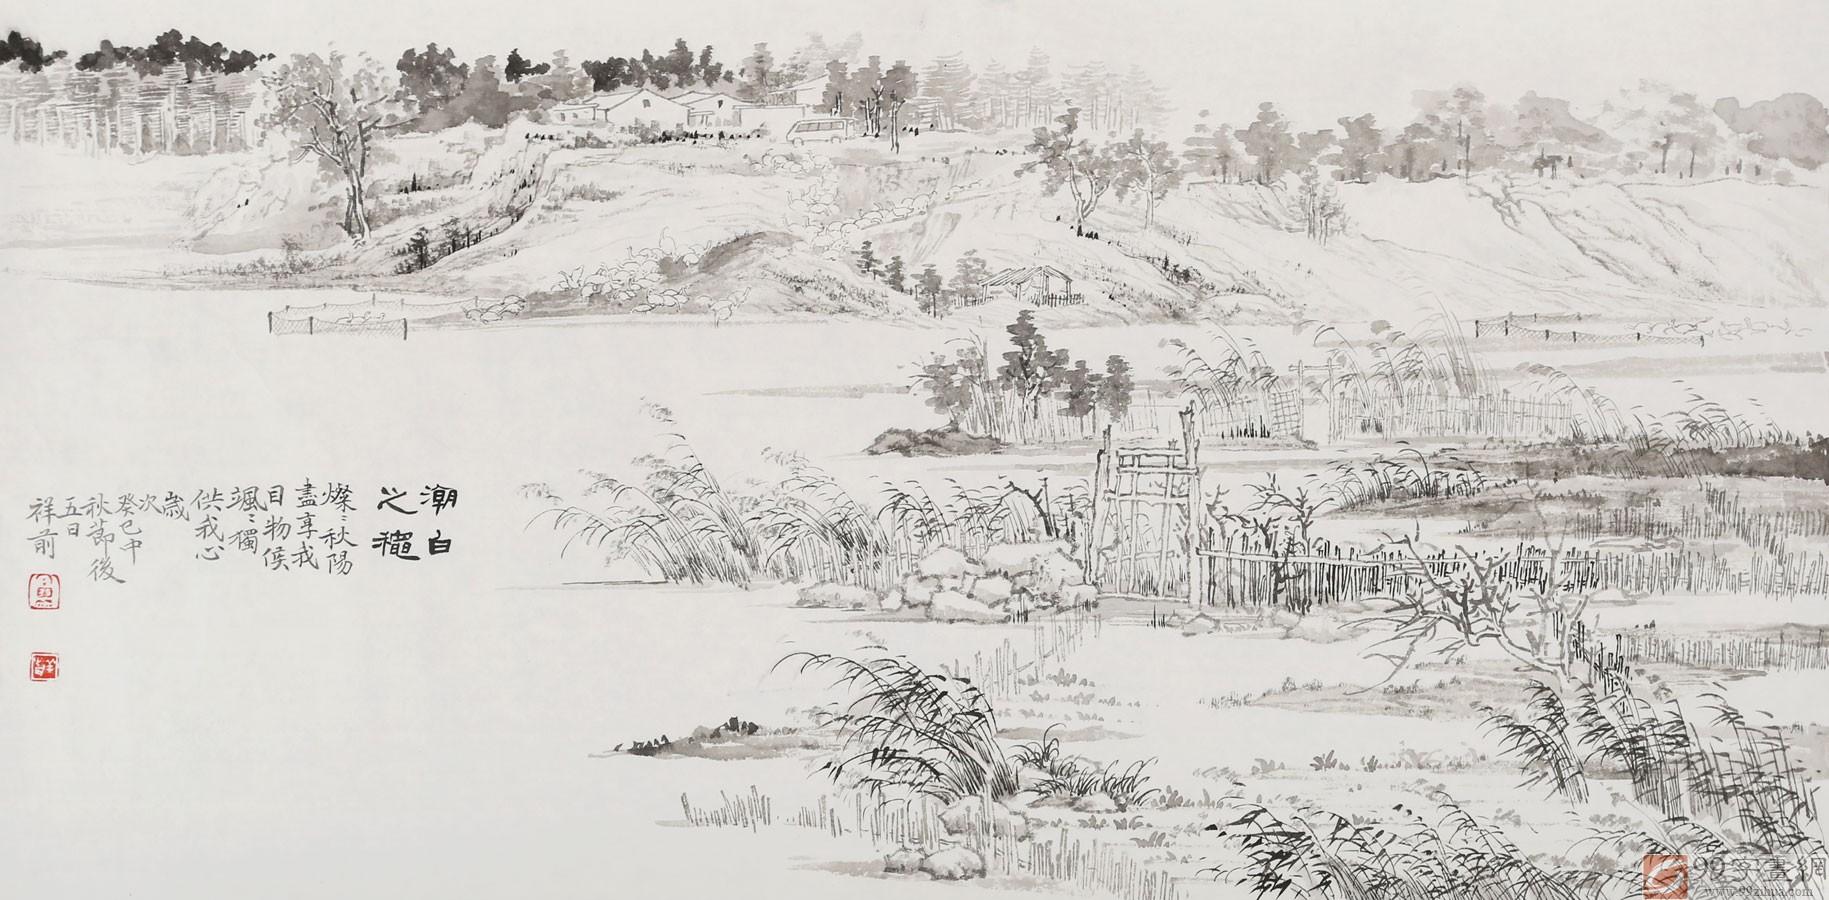 名家孔祥前写意山水画《潮白之秋》 - 工笔山水画